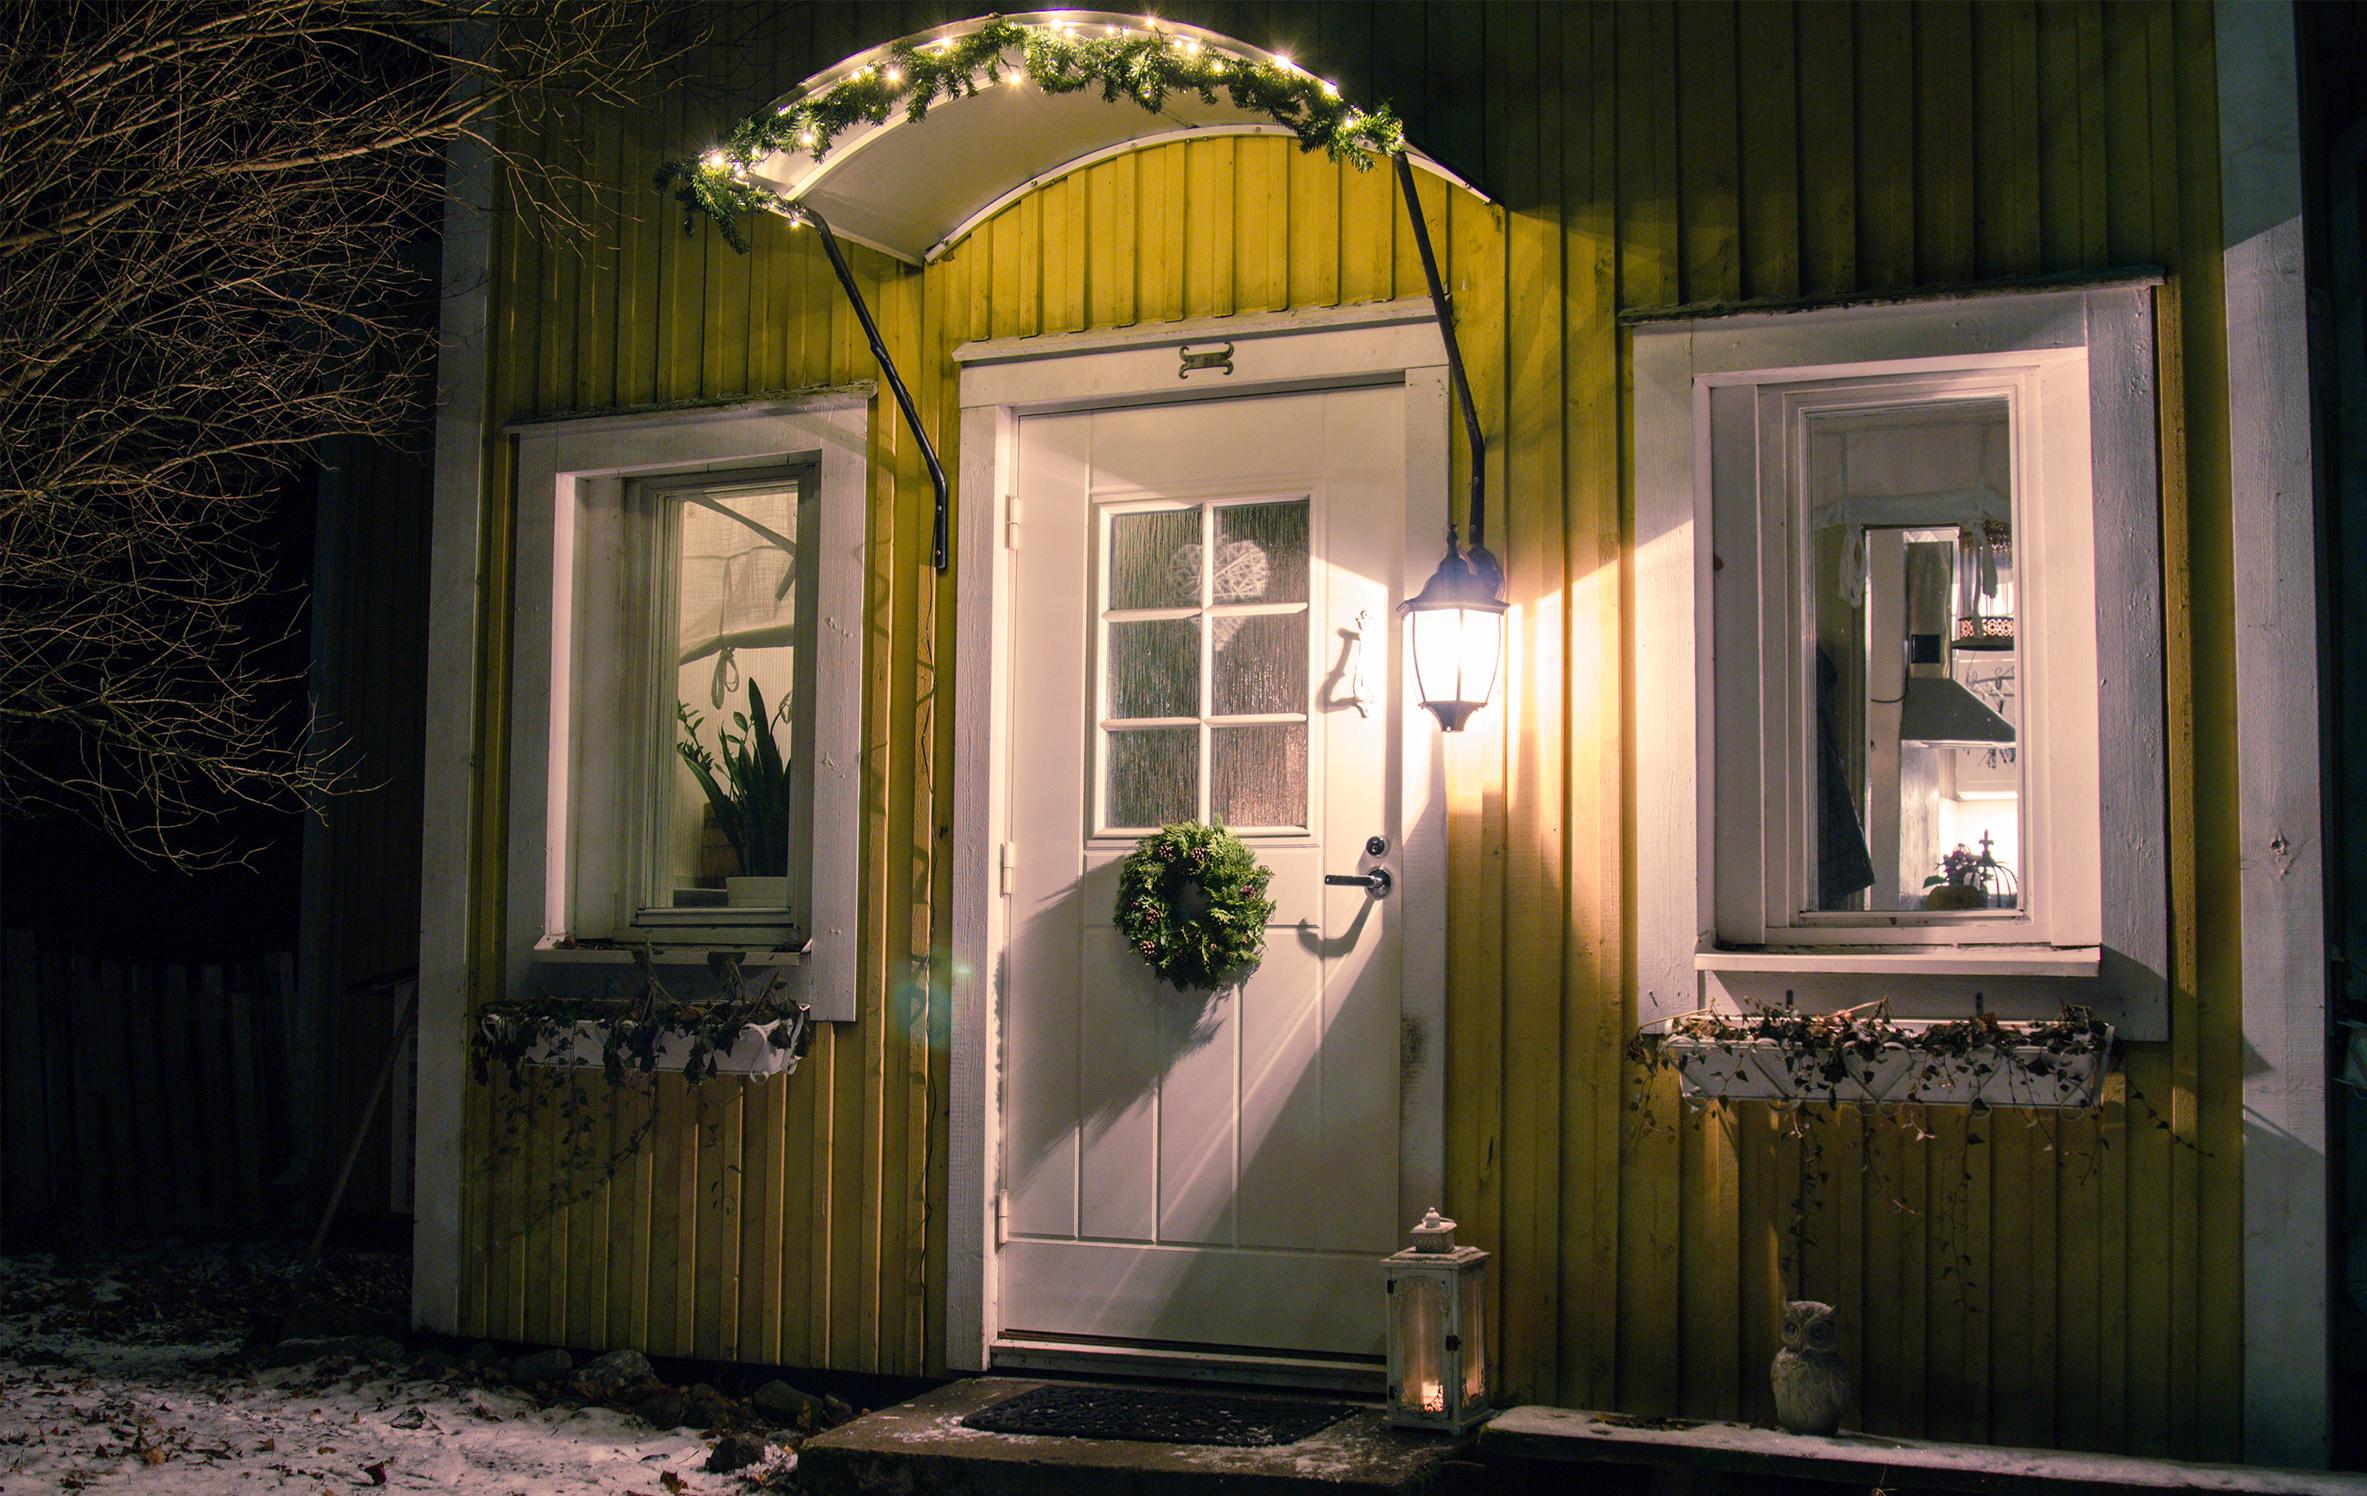 pieni-talo-pirkanmaalla-joulu-julkisivu_1